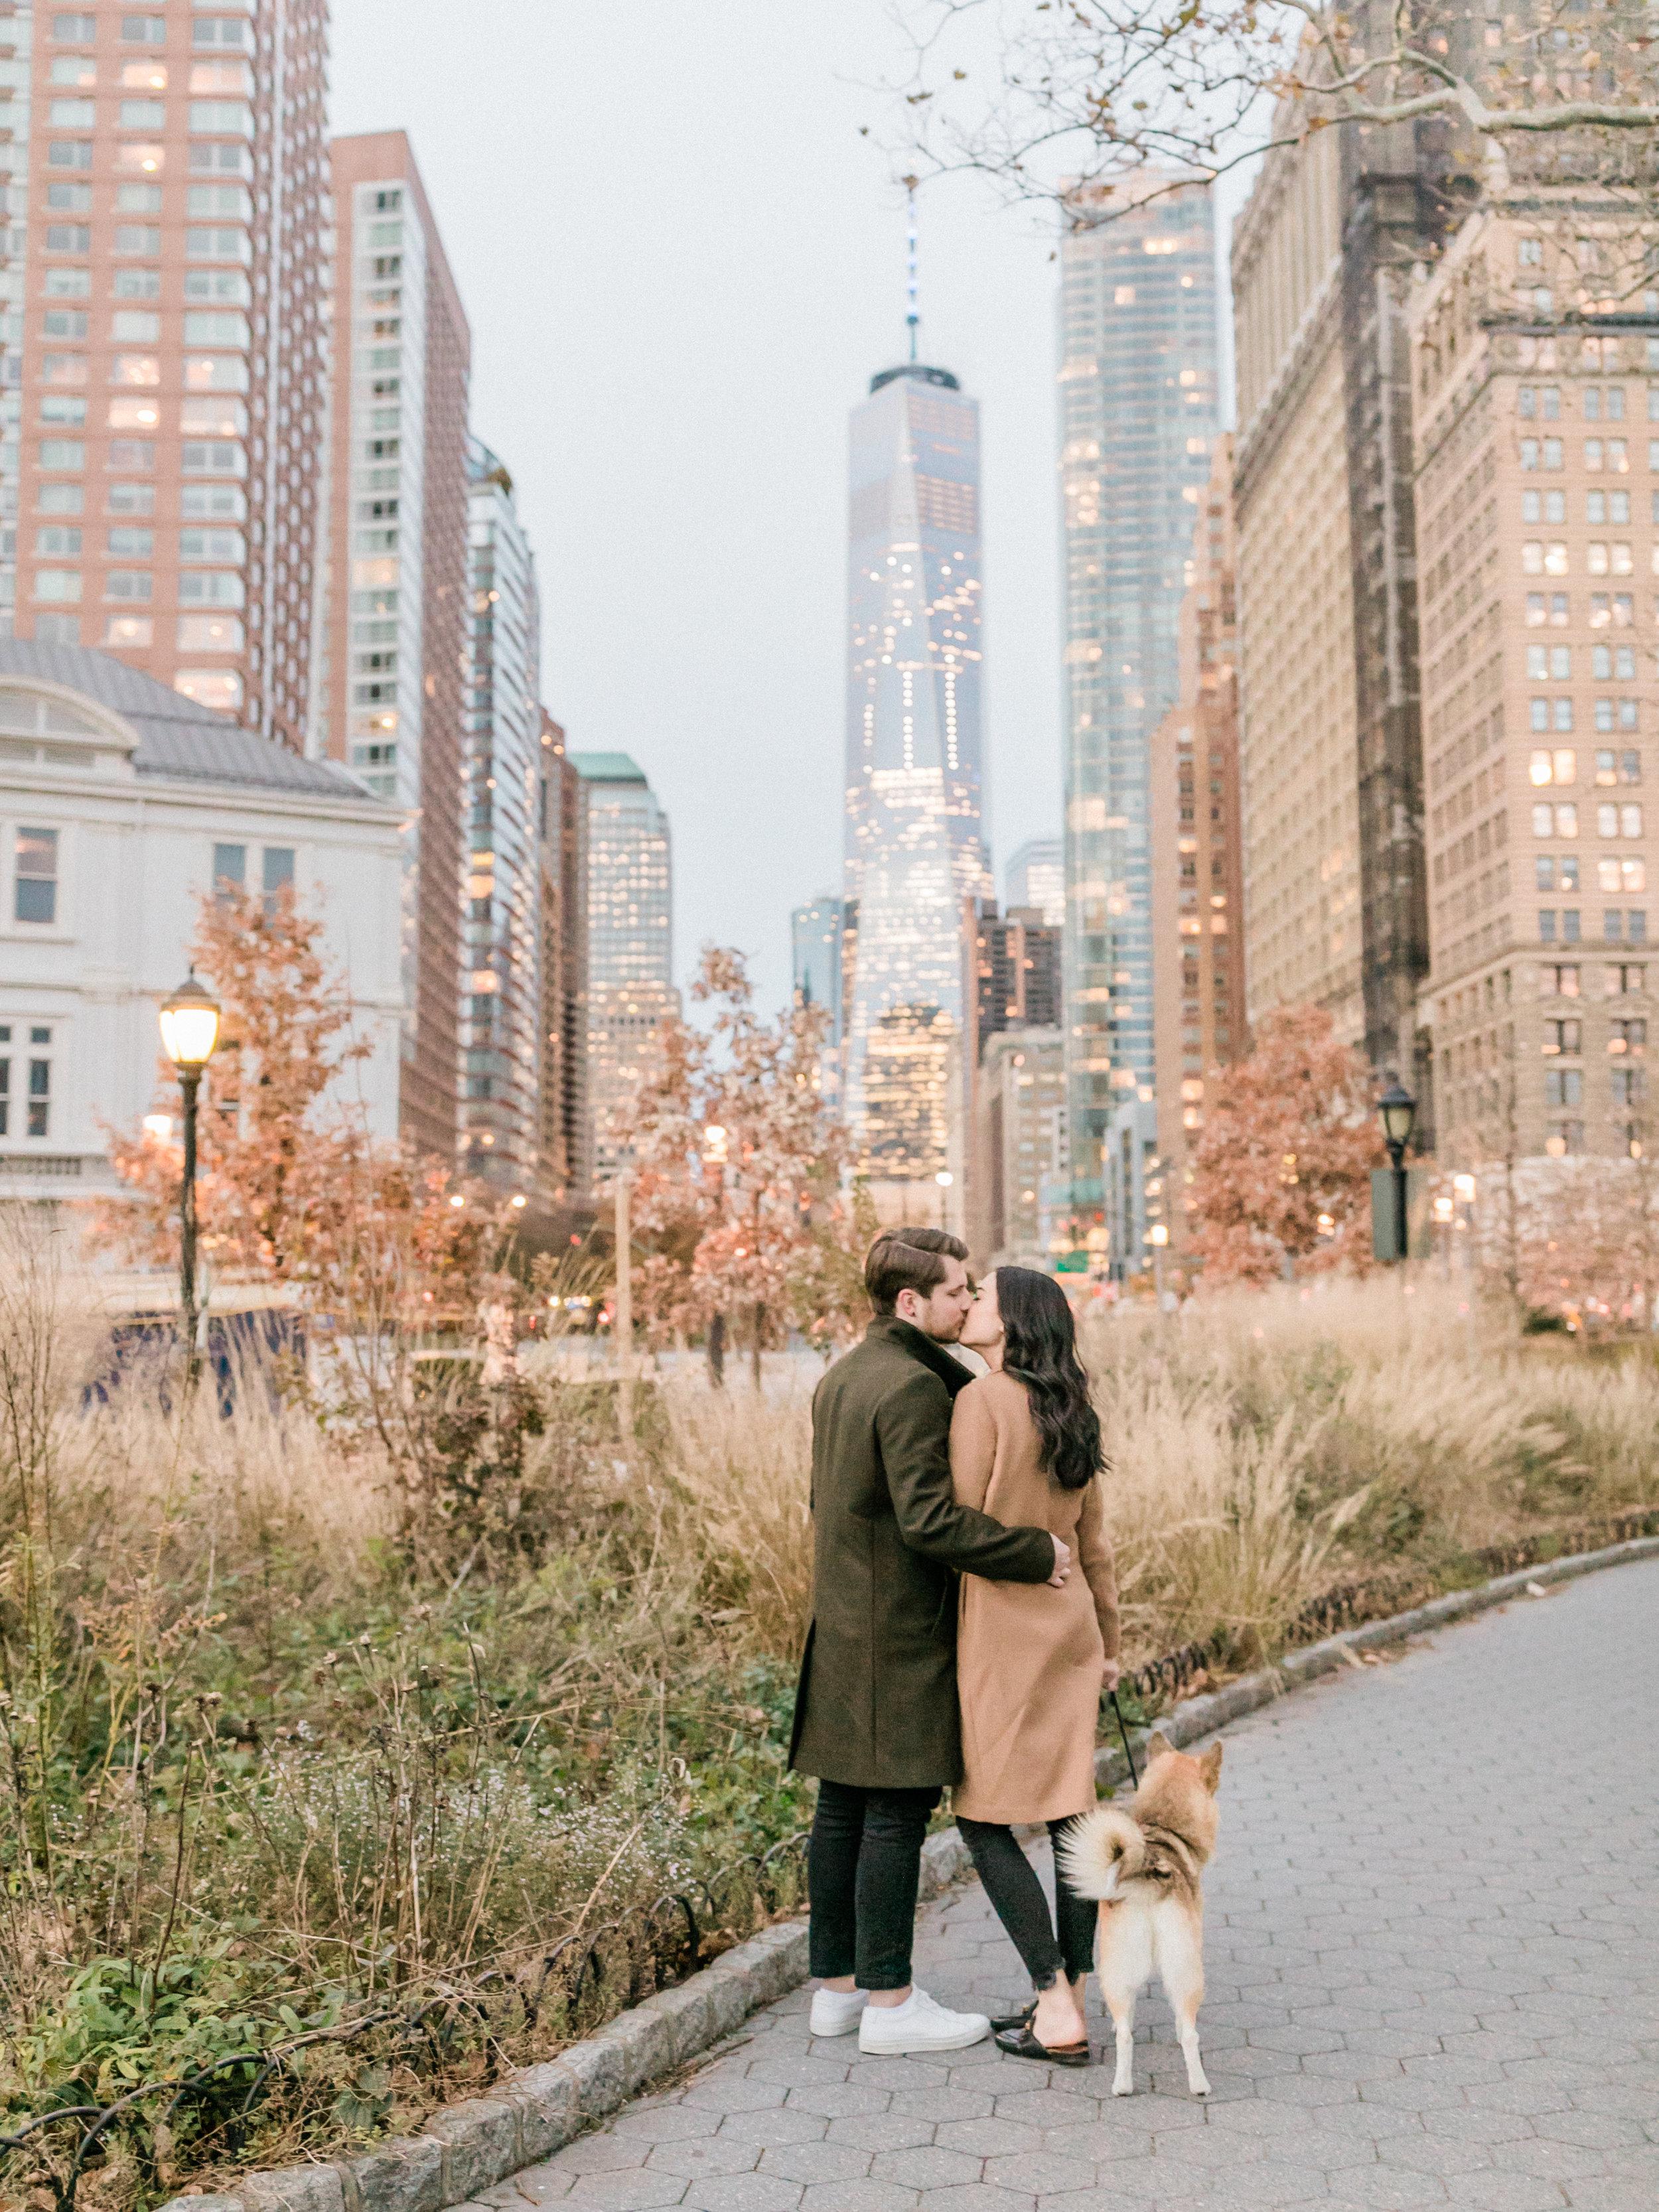 asher-gardner-nyc-engagement-84.jpg